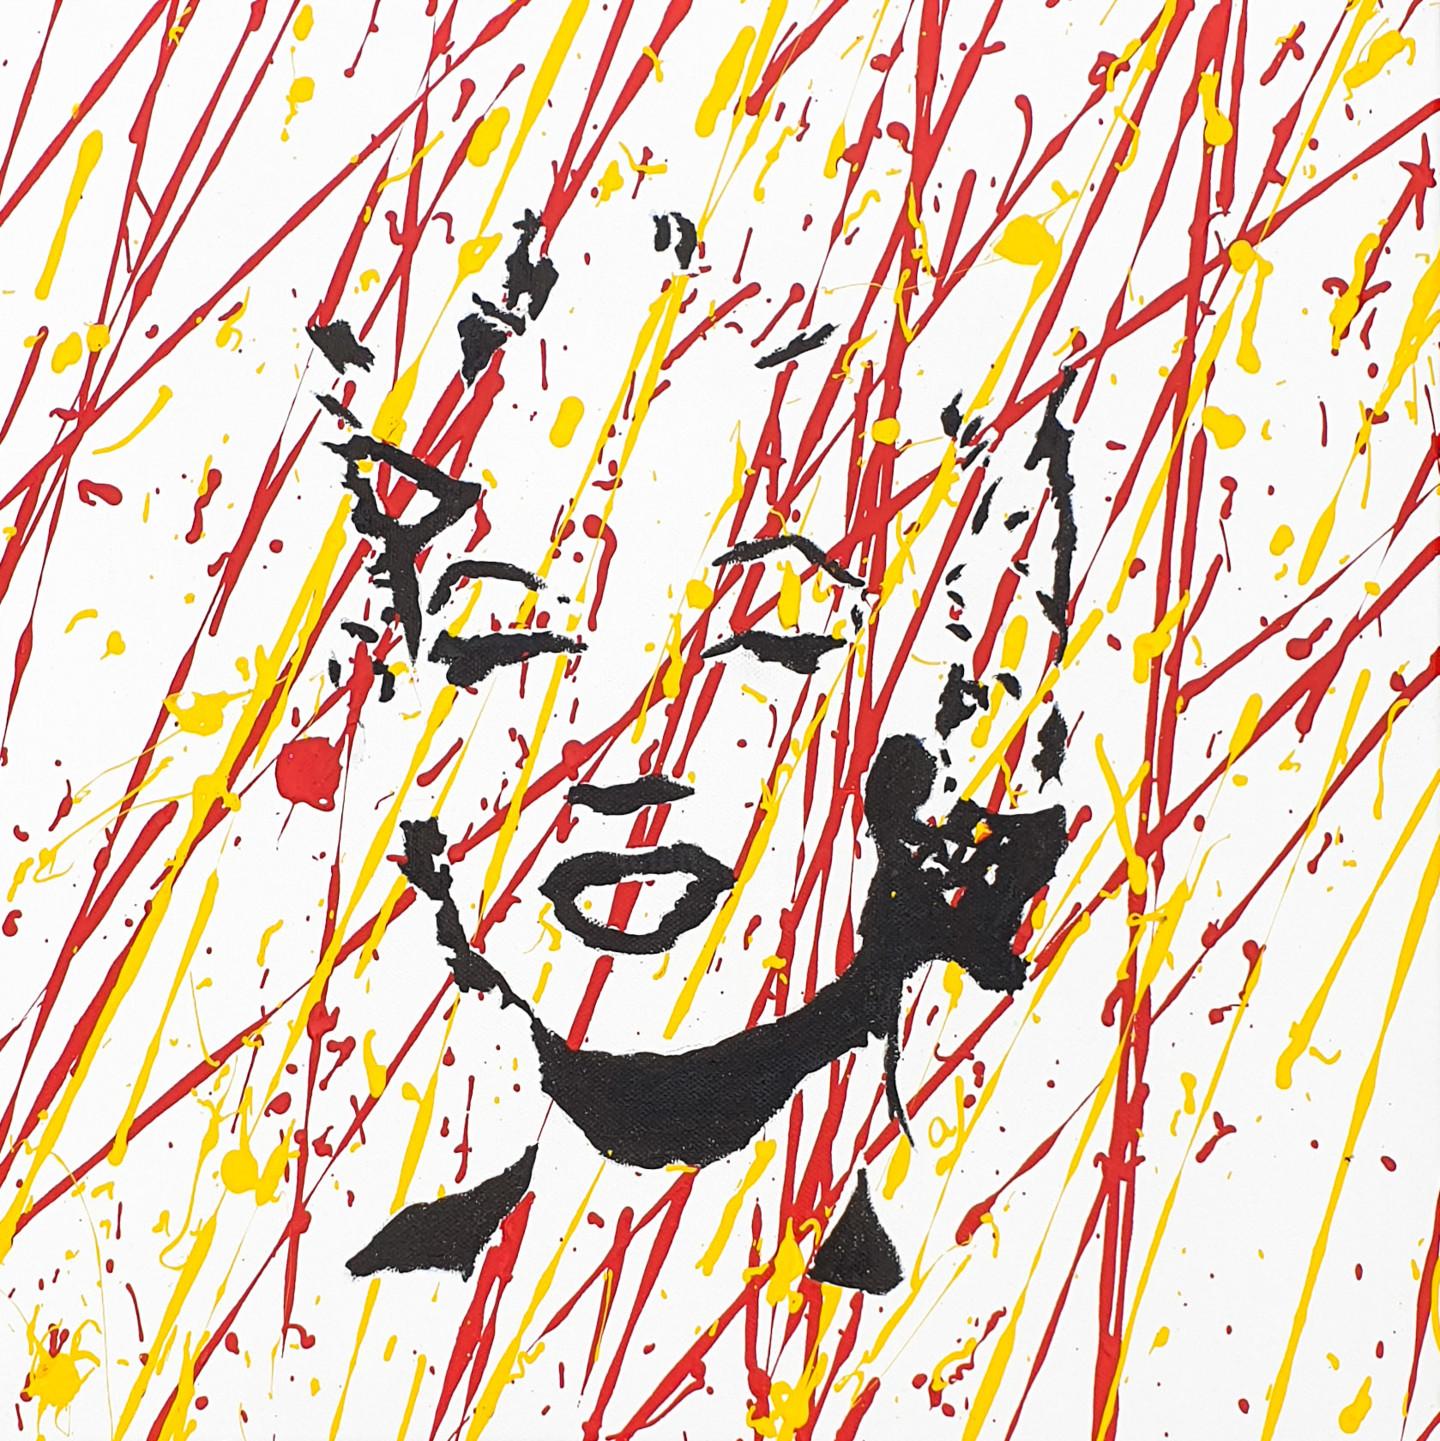 Barteu - Marilyn